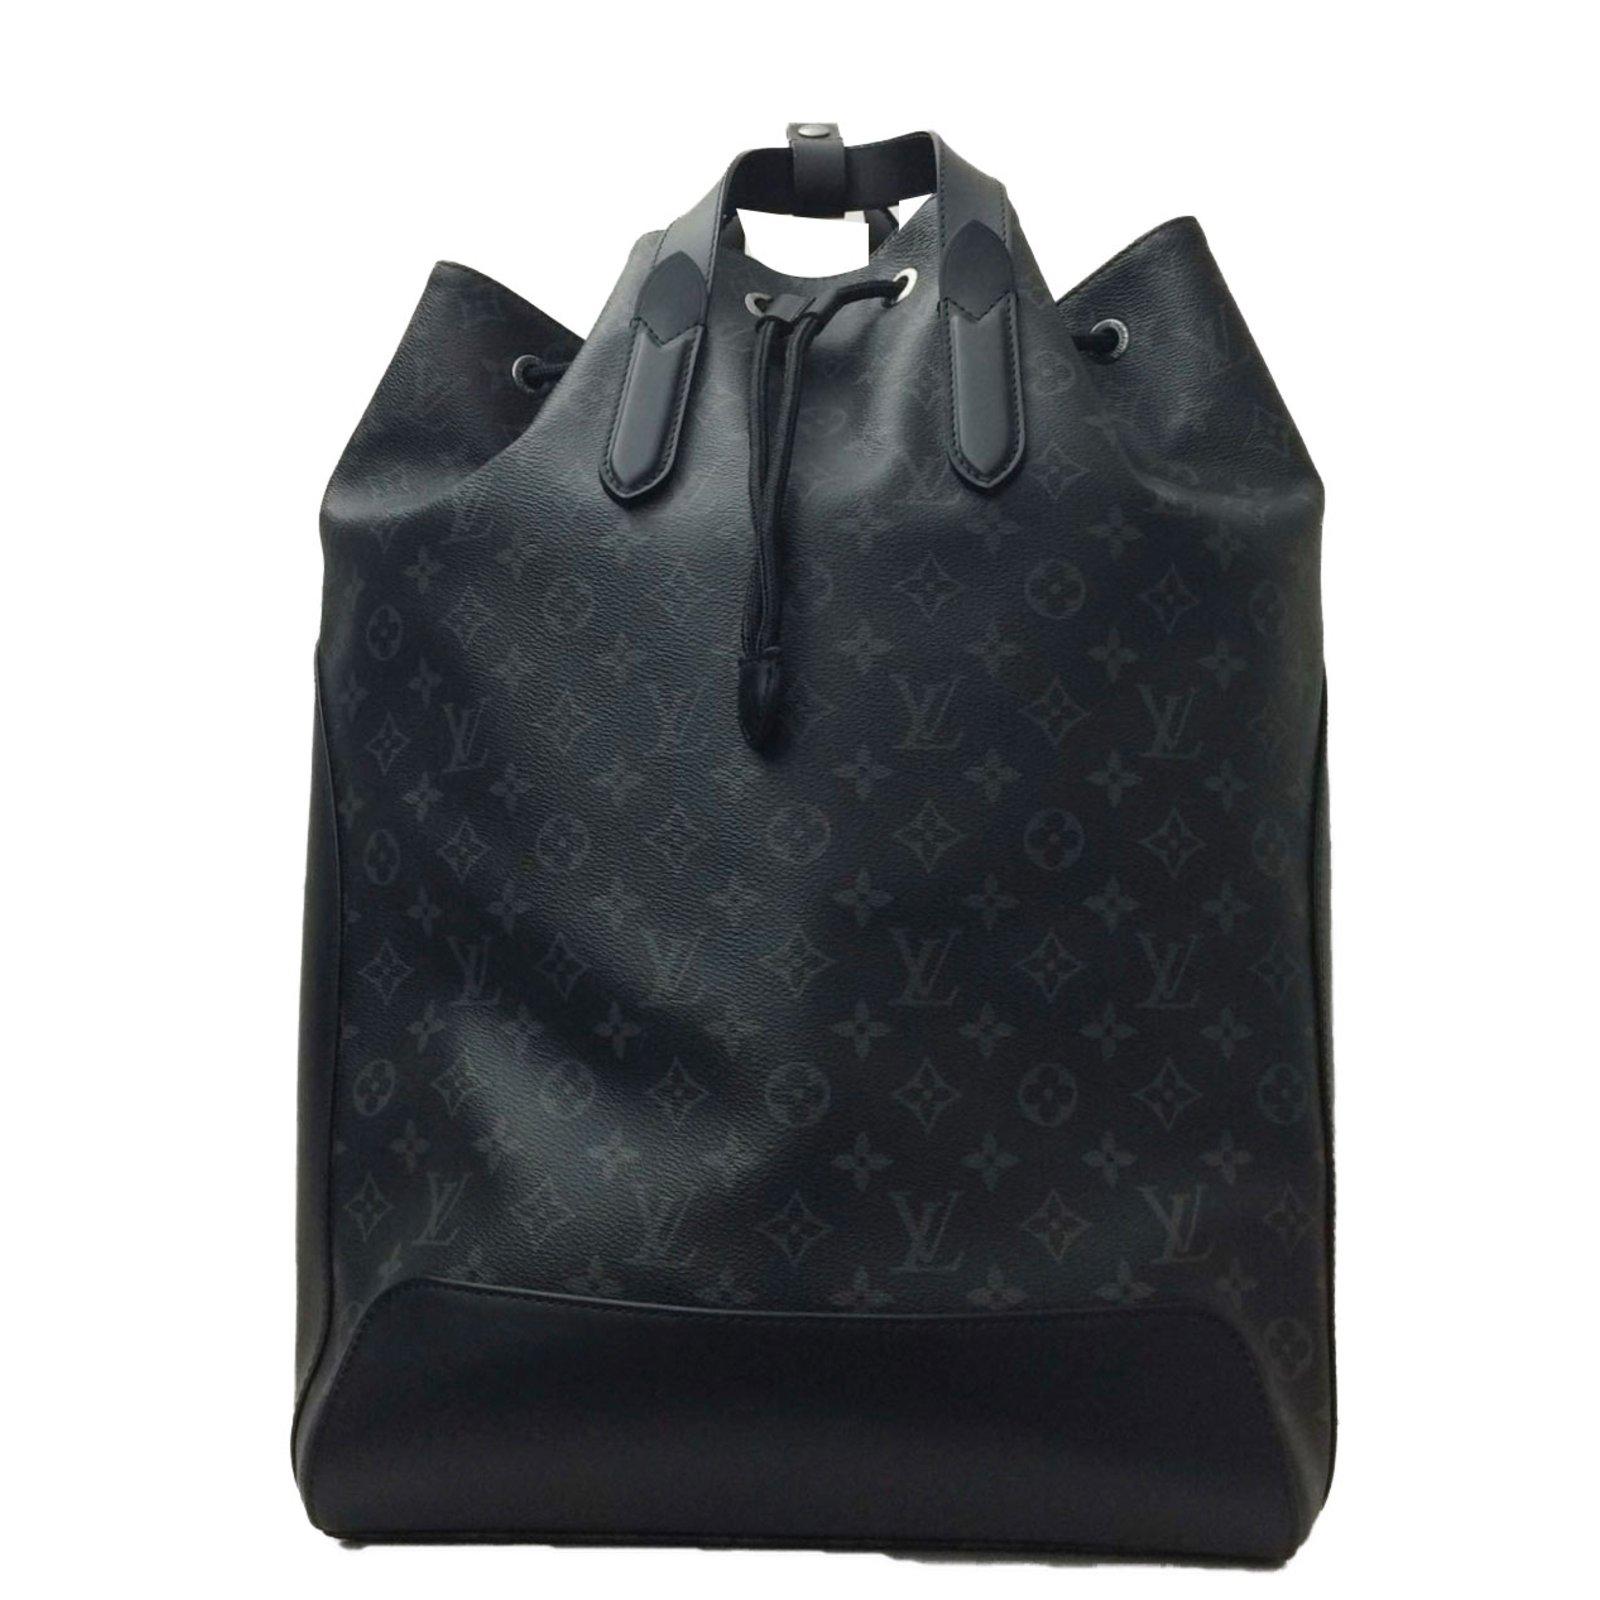 ... Sacs Louis Vuitton Superbe   Rare Sac à dos Louis Vuitton Explorer  Eclipse du défilé homme ... 477a28cd3ef